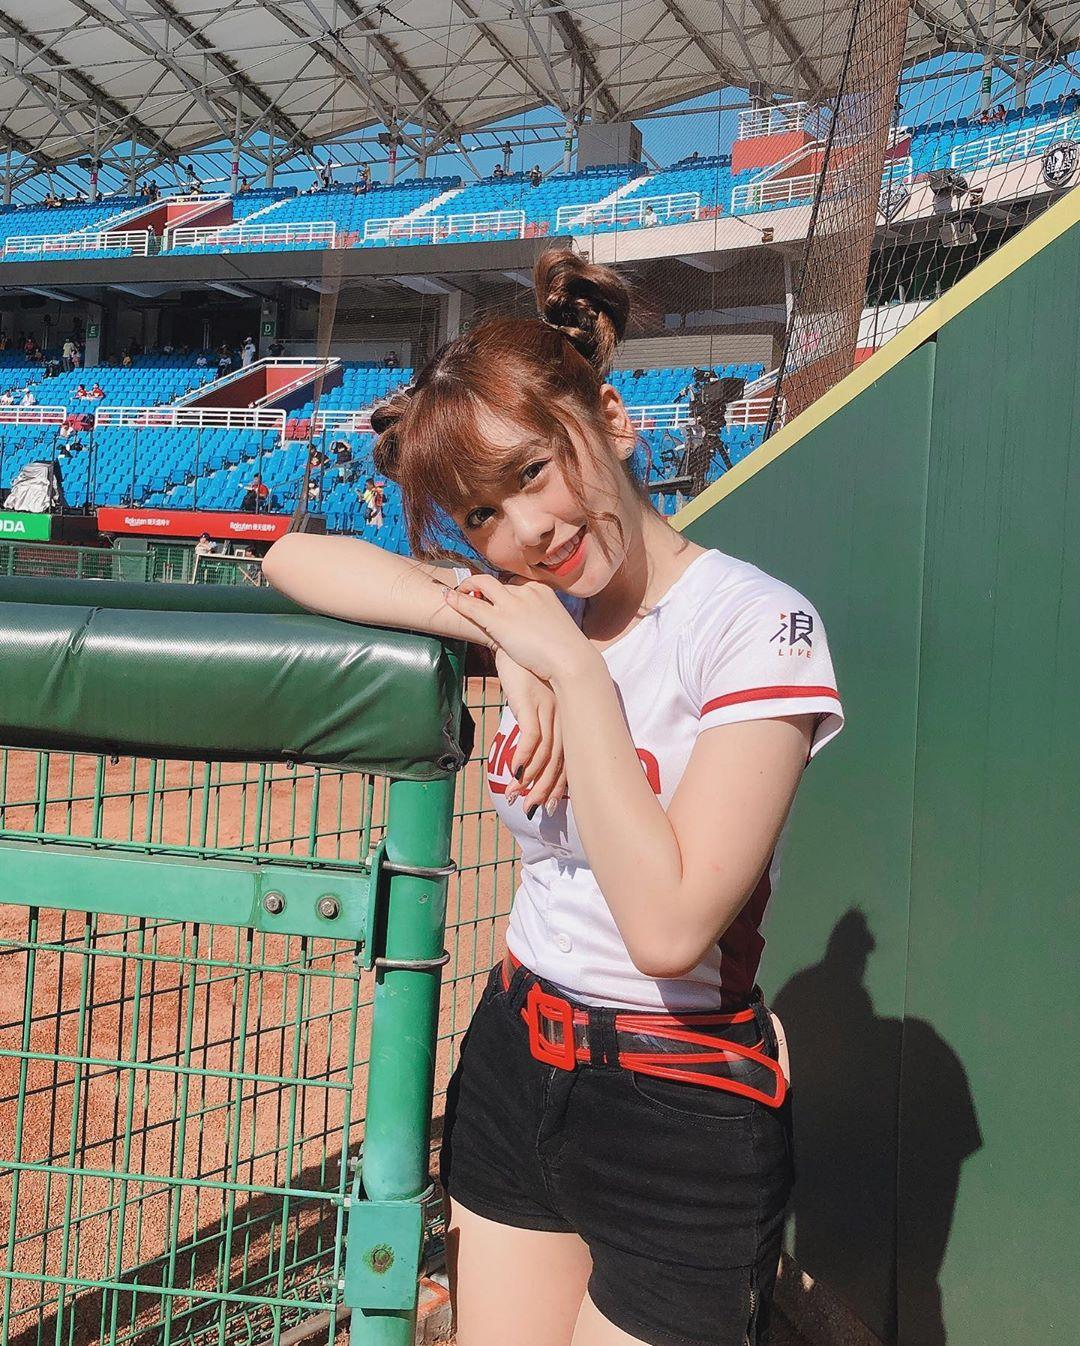 樂天女孩 若潼 她就是我看棒球唯一的動力 - 美女圖 -